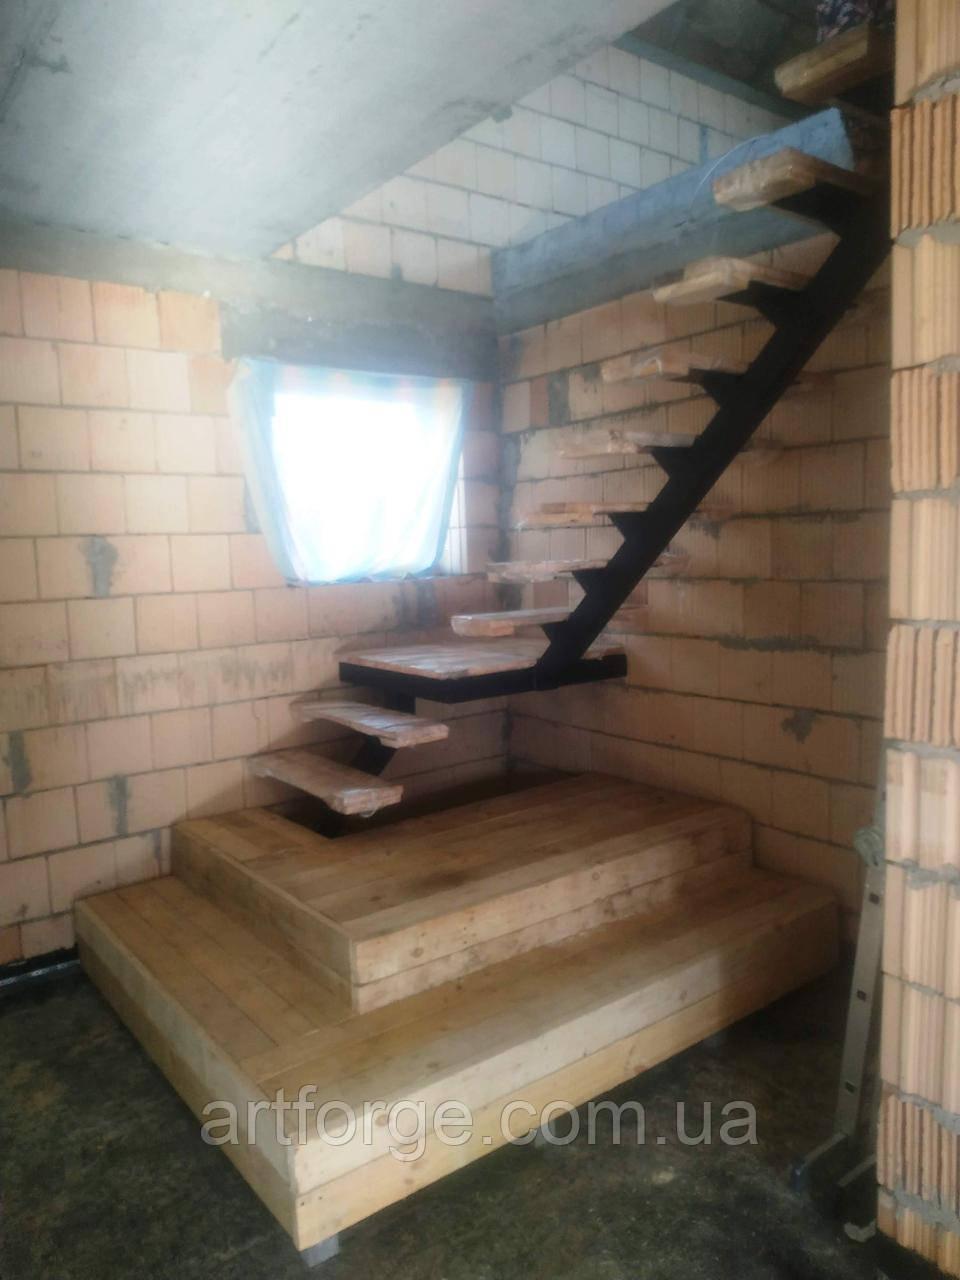 Каркас лестницы на центральном косоуре с площадкой